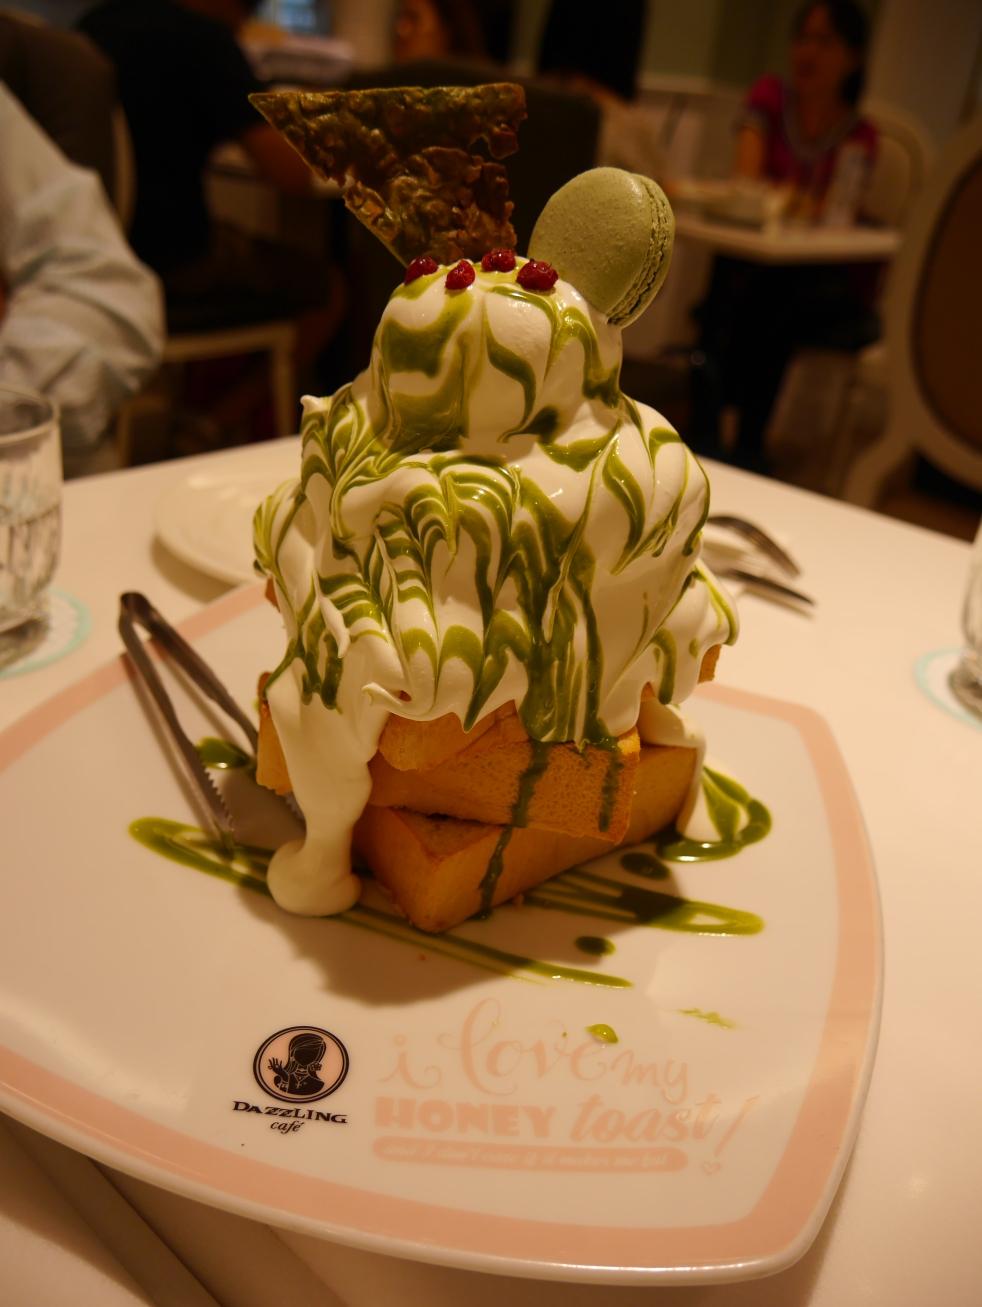 Dazzling Cafe Taiwan Viktoria Jean Travels